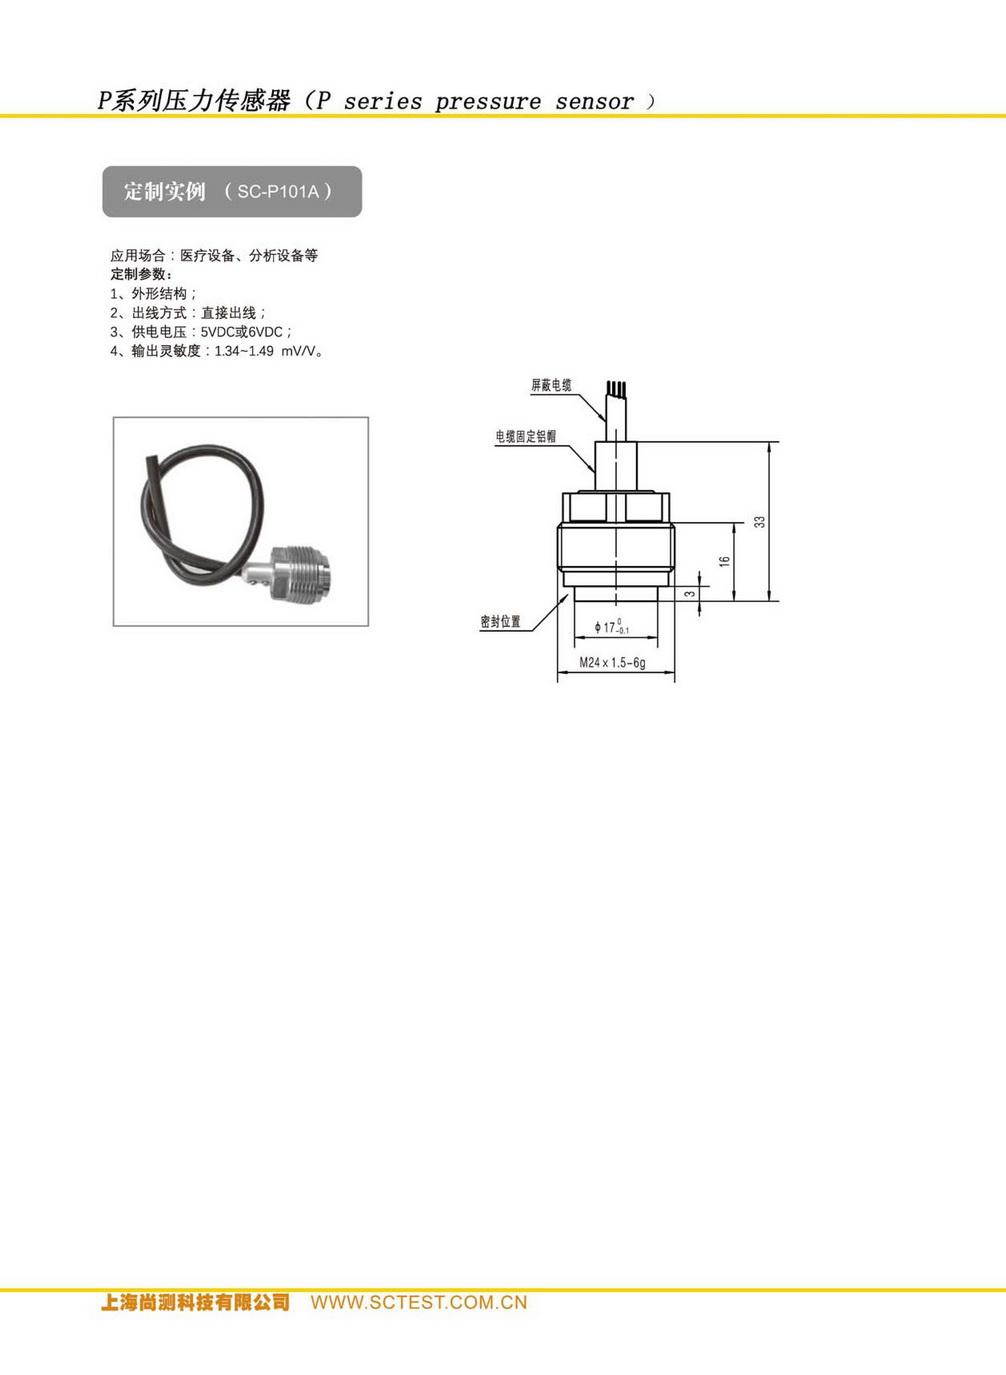 尚测科技产品选型手册 V1.3_页面_29_调整大小.jpg